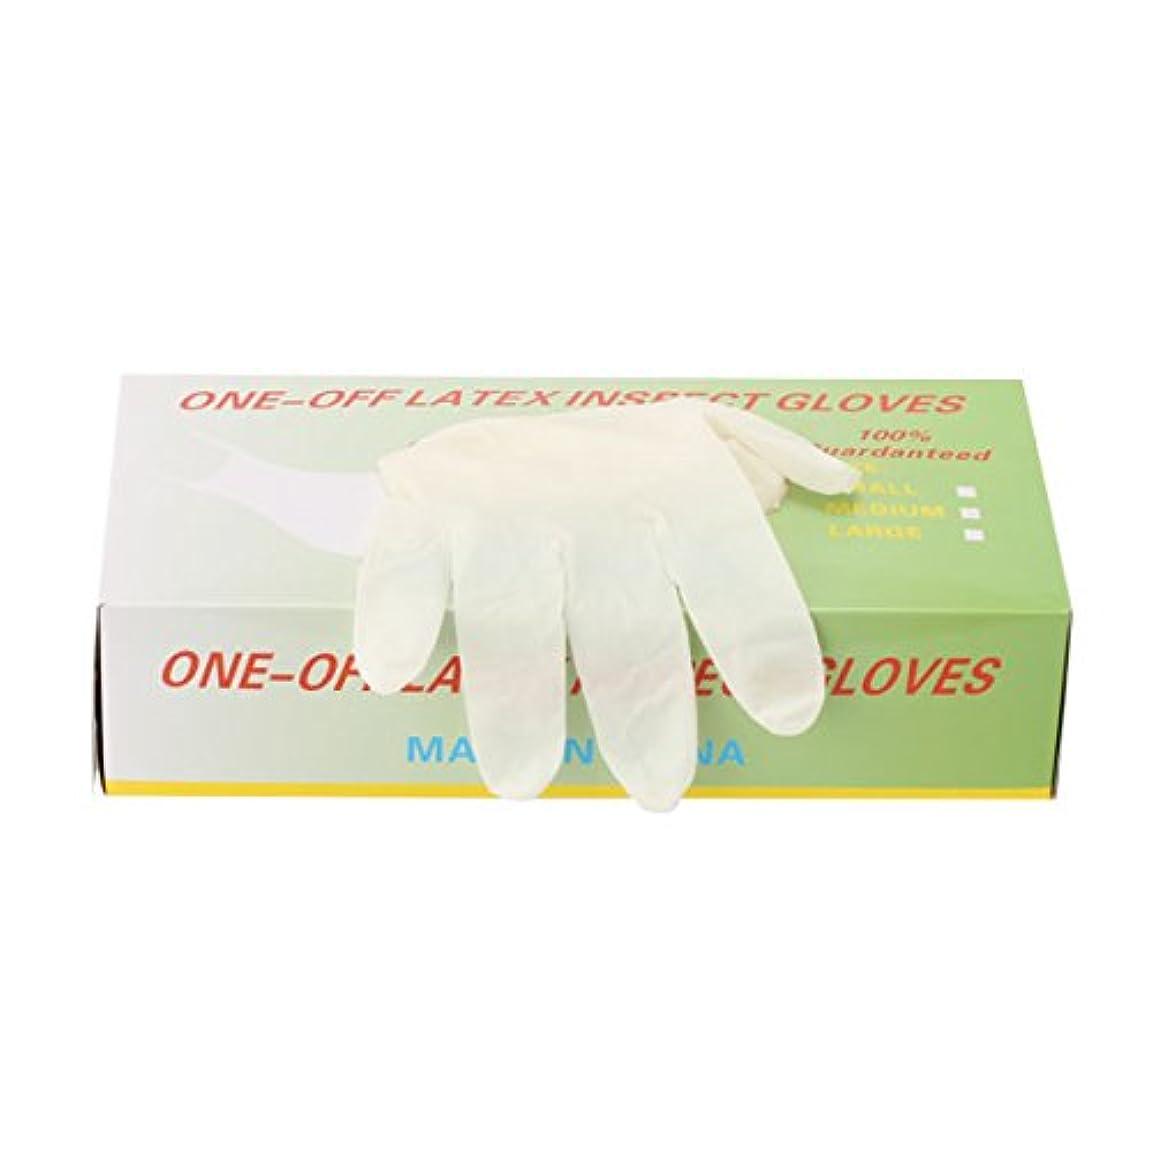 革命的タイプワイプパウダーフリー使い捨てゴム手袋 100枚入 全3種 Sサイズ [ 手袋 グローブ ゴム手袋 使い捨て手袋 使い捨てグローブ ]